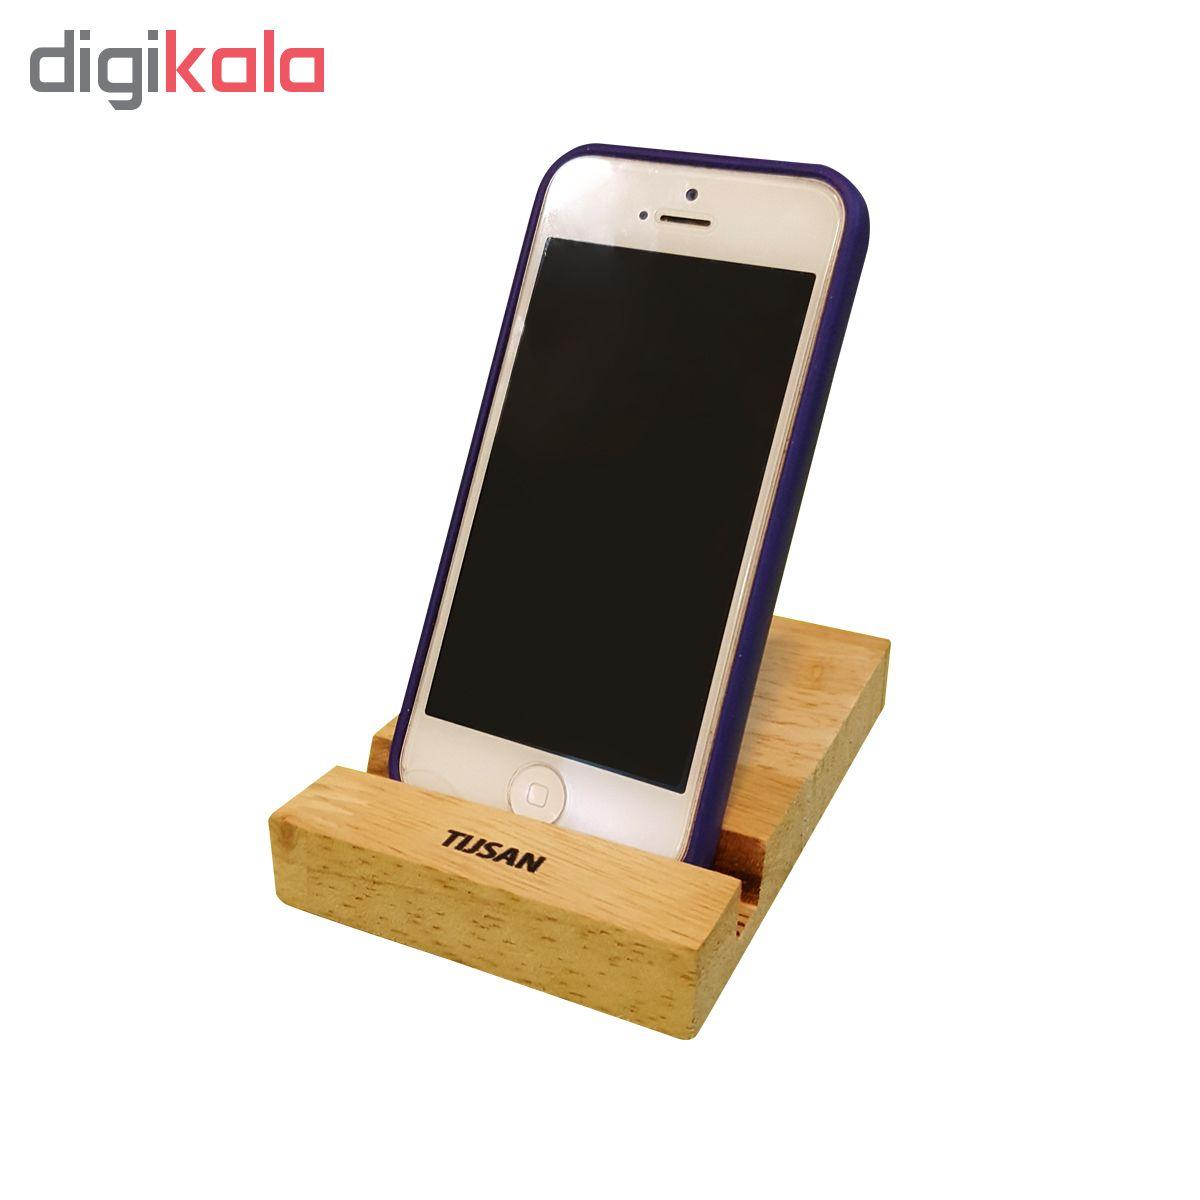 پایه نگهدارنده گوشی موبایل تیج سان طرح ماه مهر کد 2 main 1 2